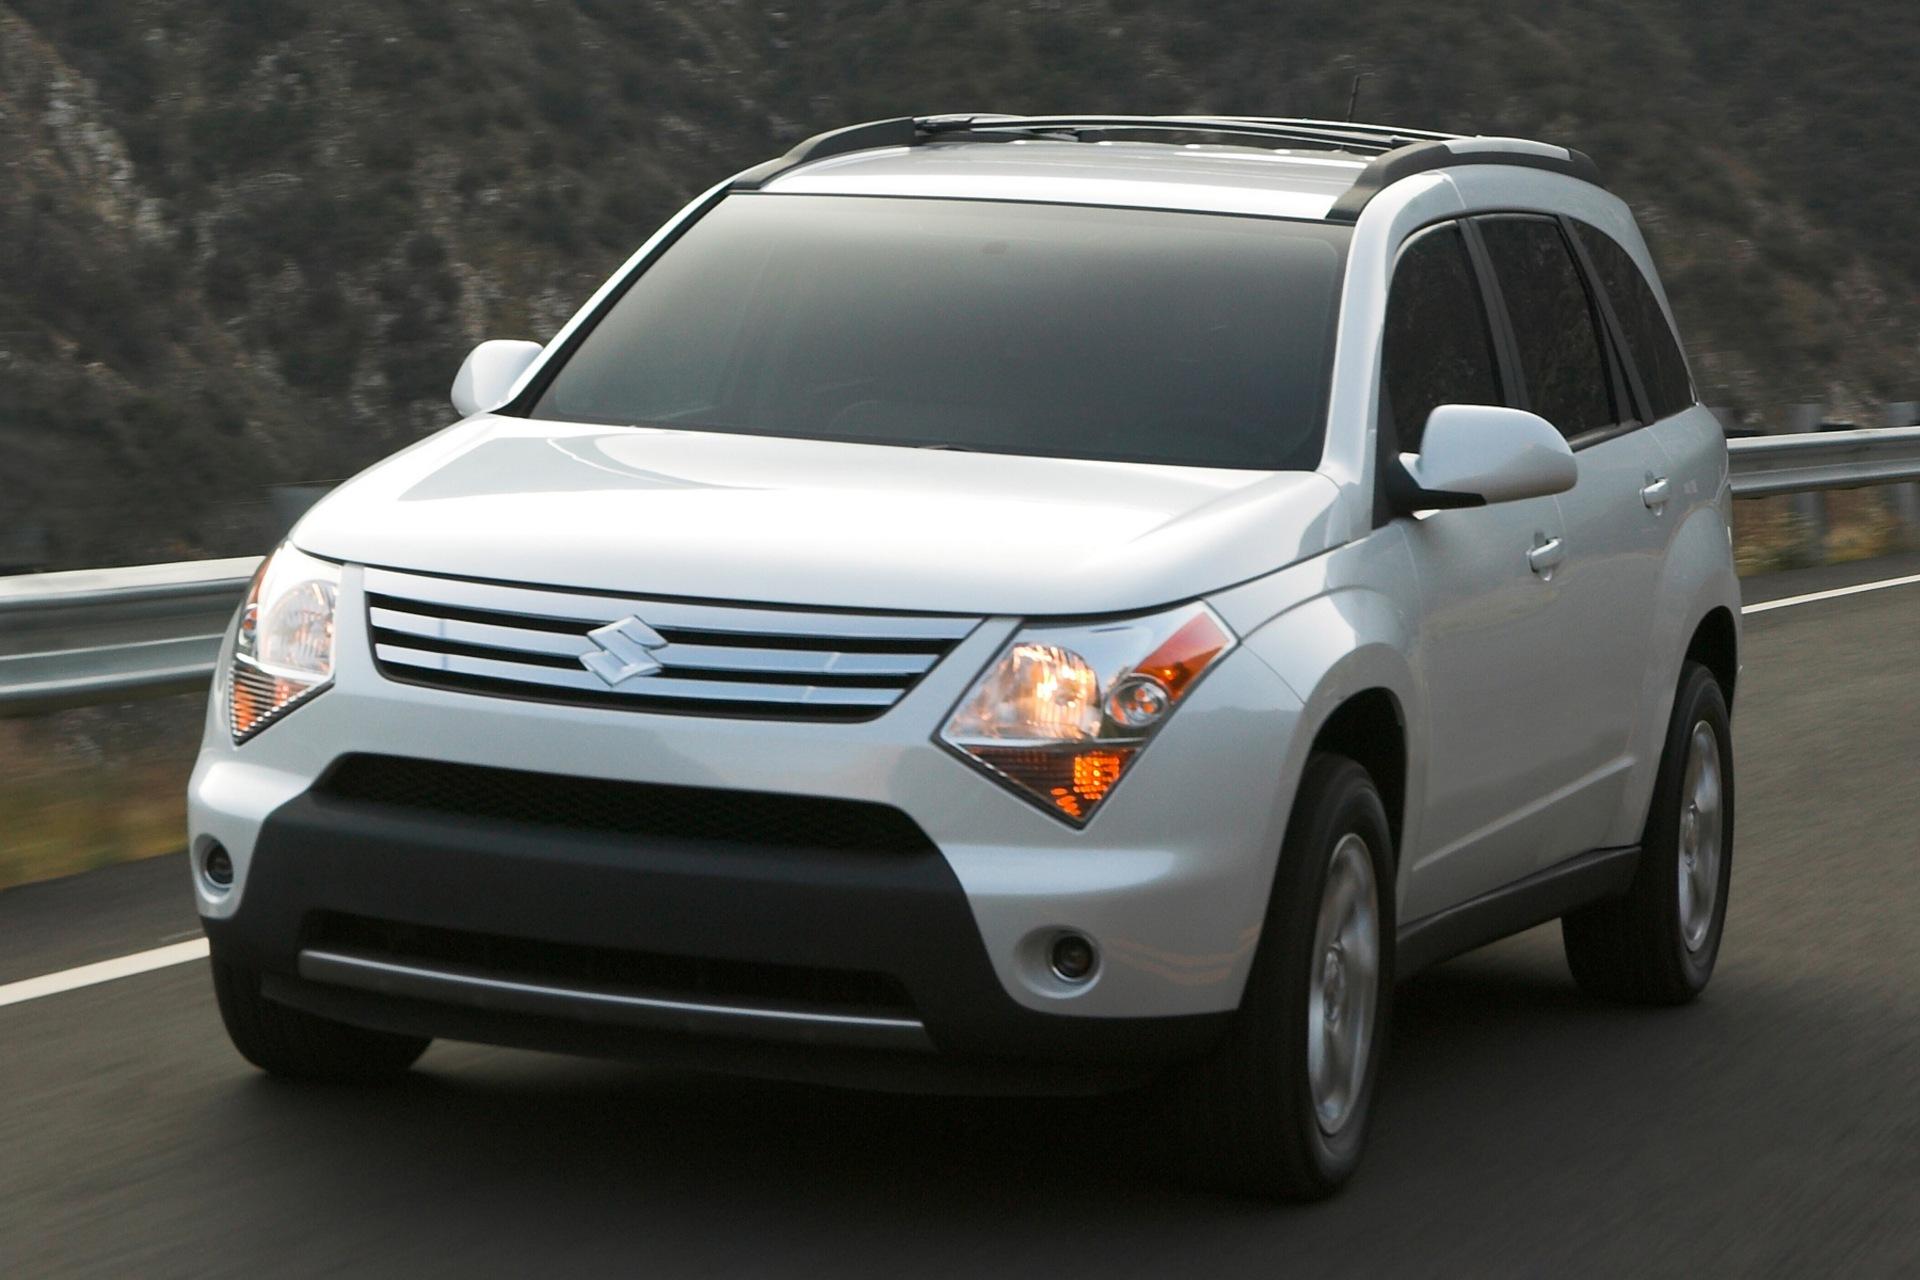 Suzuki Xl7 News And Information